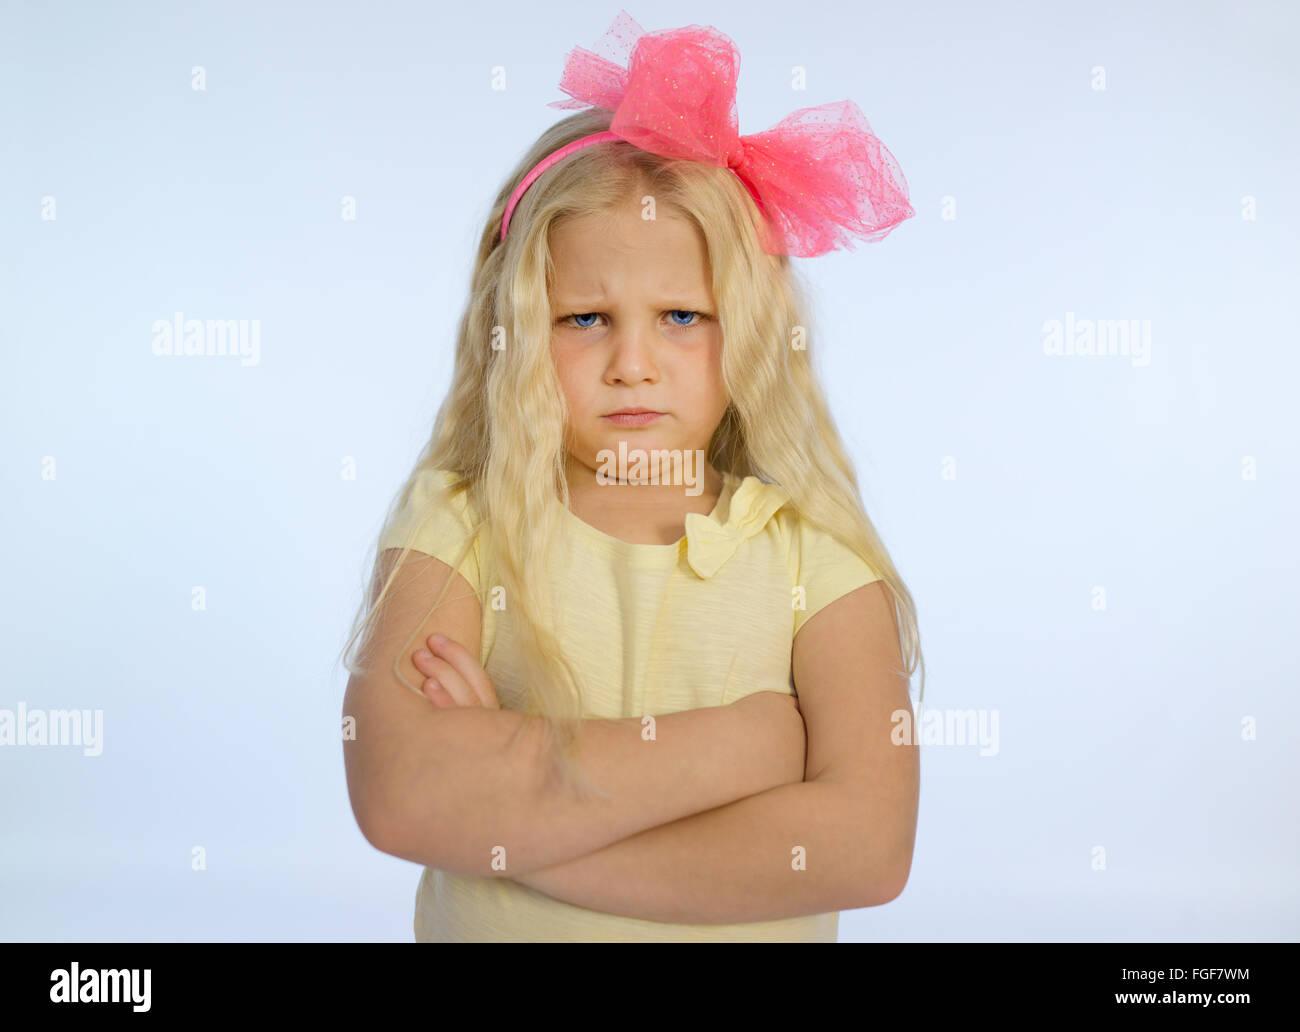 Junges Mädchen mit langen blonden Haaren und verschränkten Armen, runzelt die Stirn mit einem traurigen Stockbild